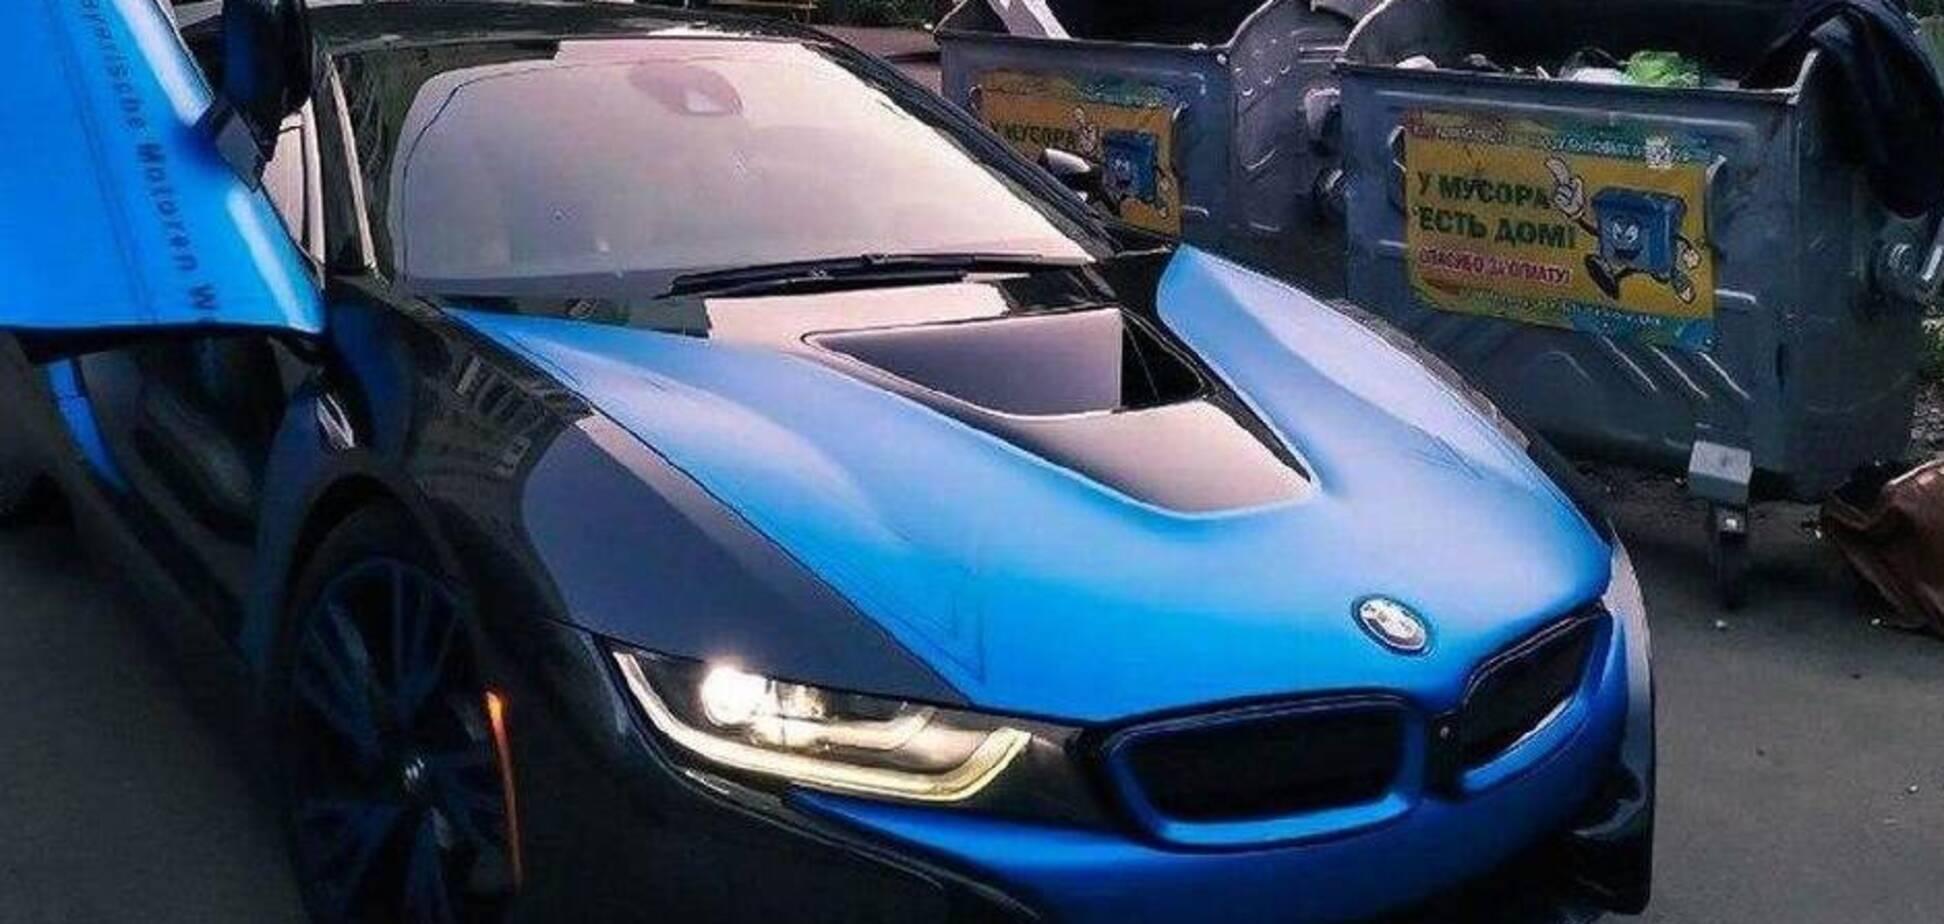 BMW i8 на незвичайній локації. Джерело: Фото: kharkiv_cars